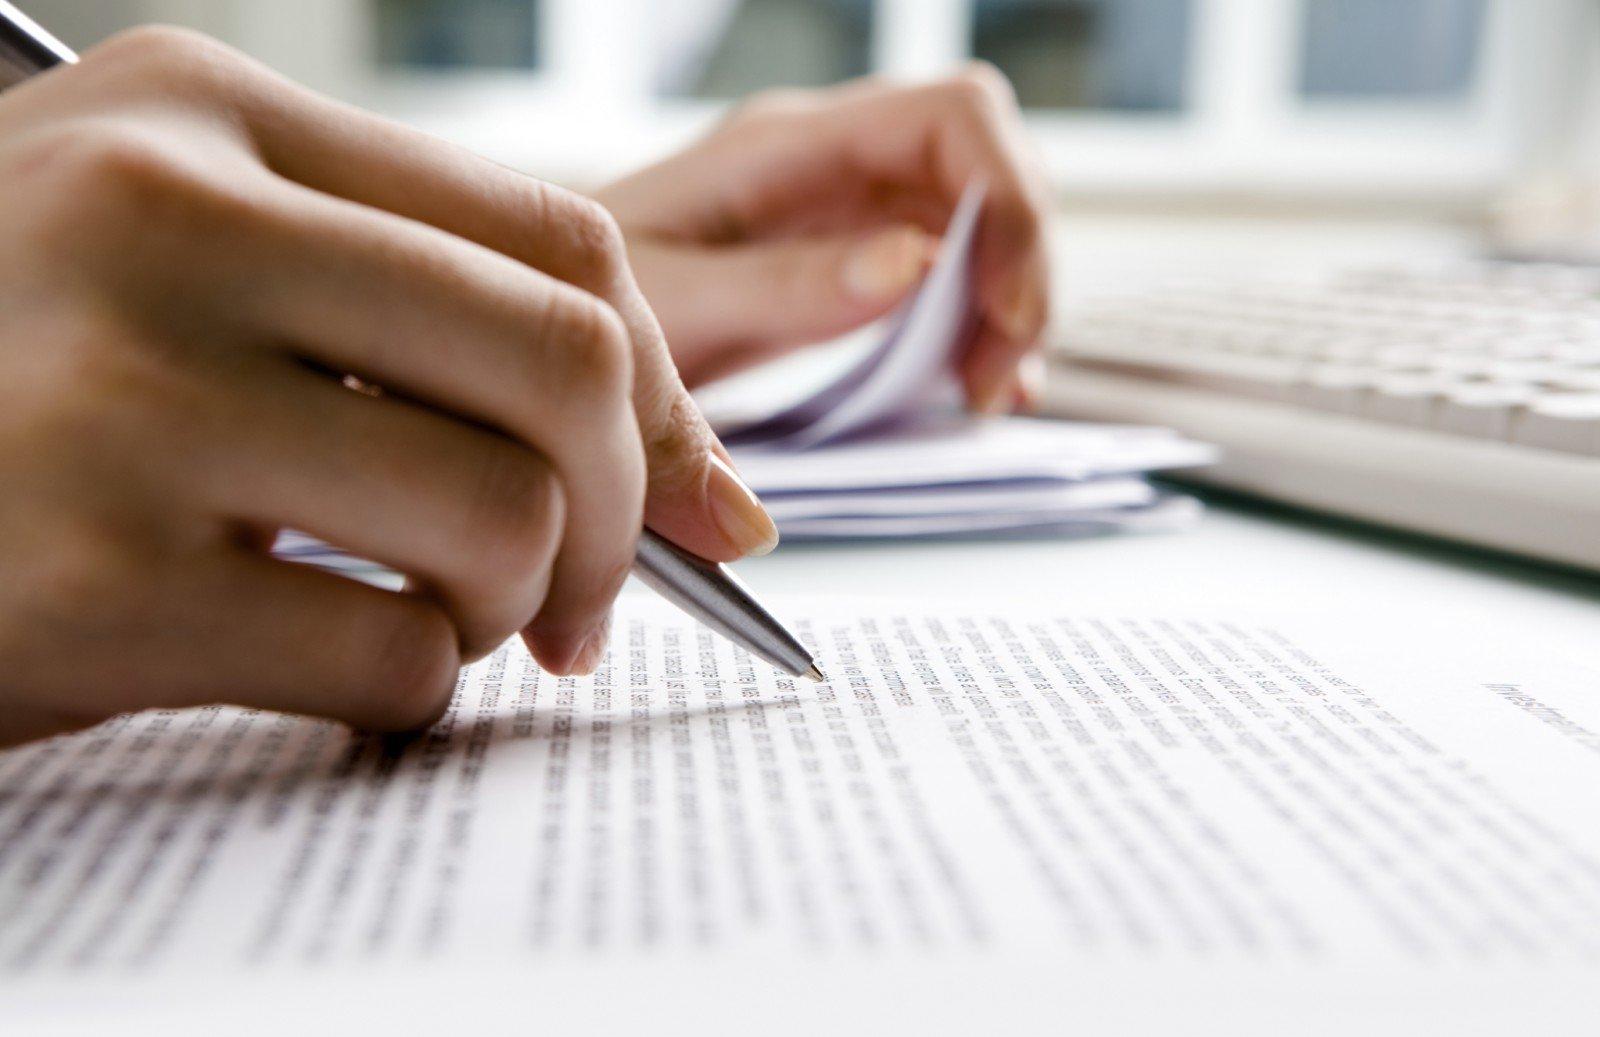 Перевод официальных документов: особенности процесса